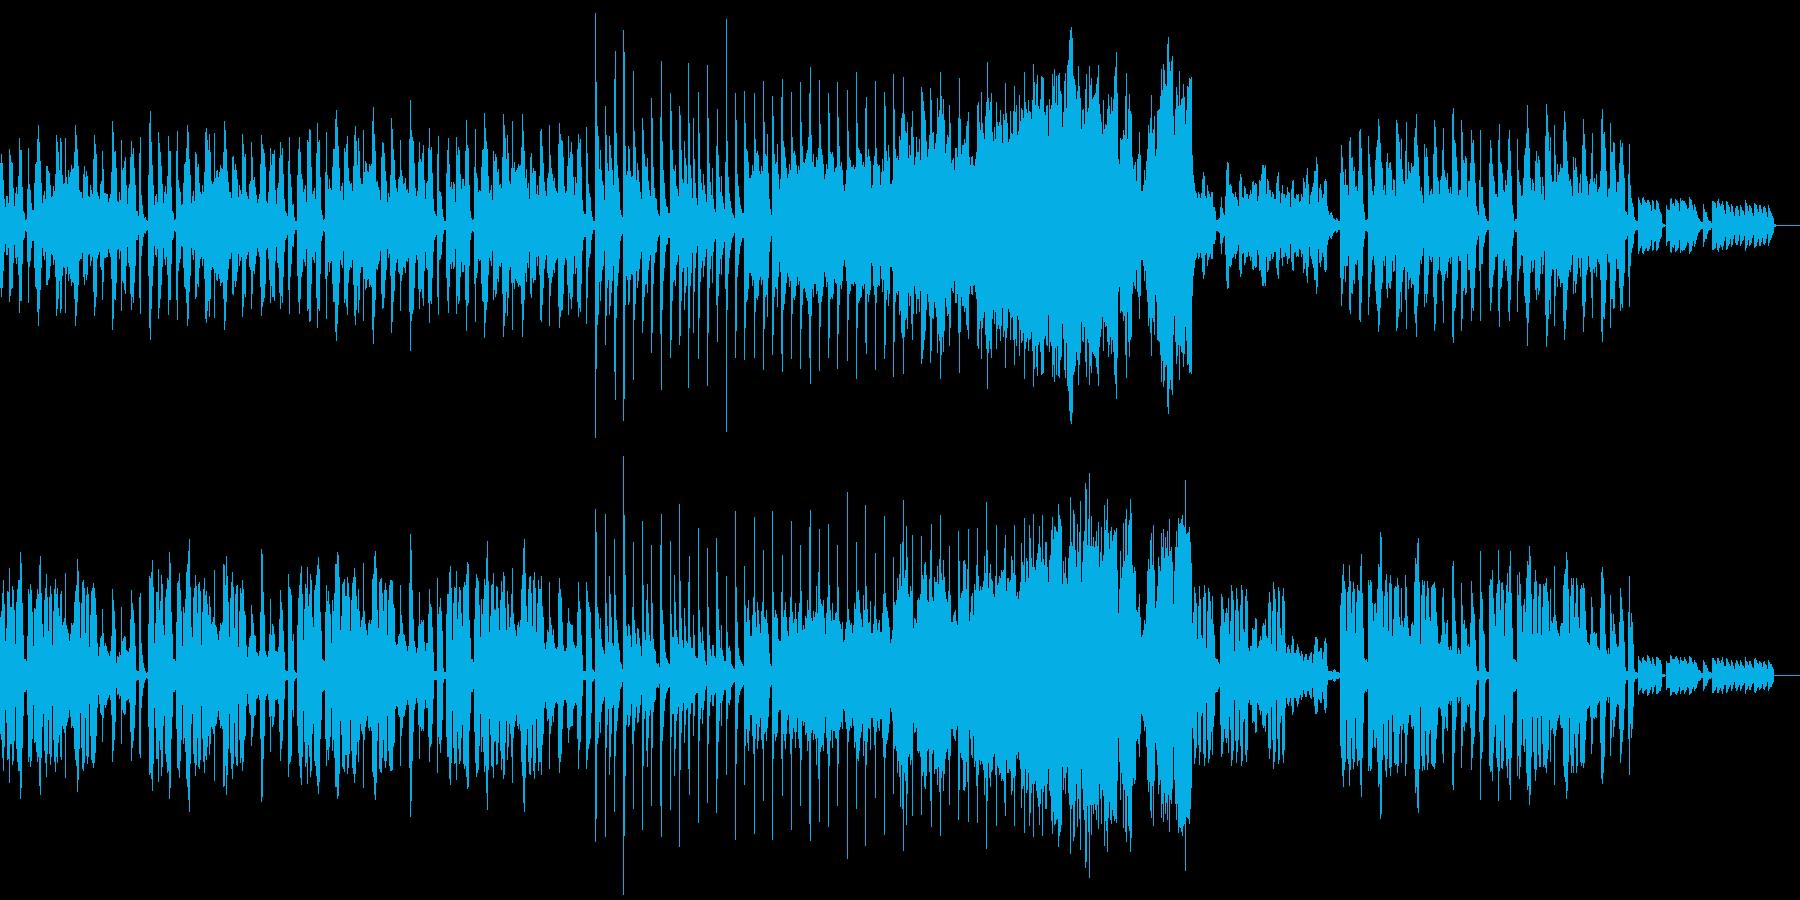 ハロウィン用BGM②少しコミカルな曲の再生済みの波形